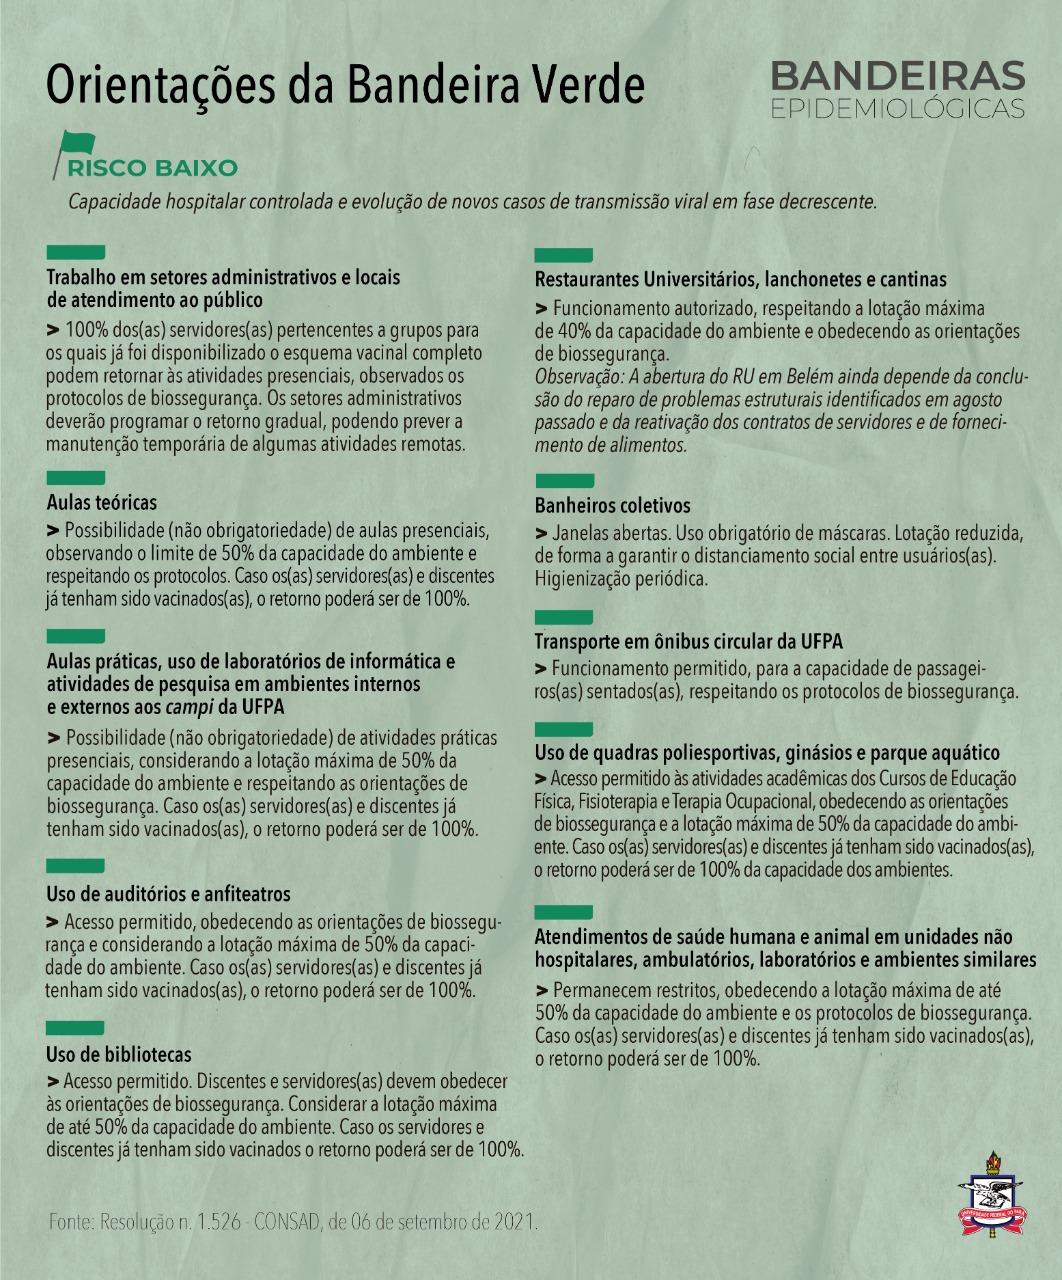 Orientações sobre bandeira verde